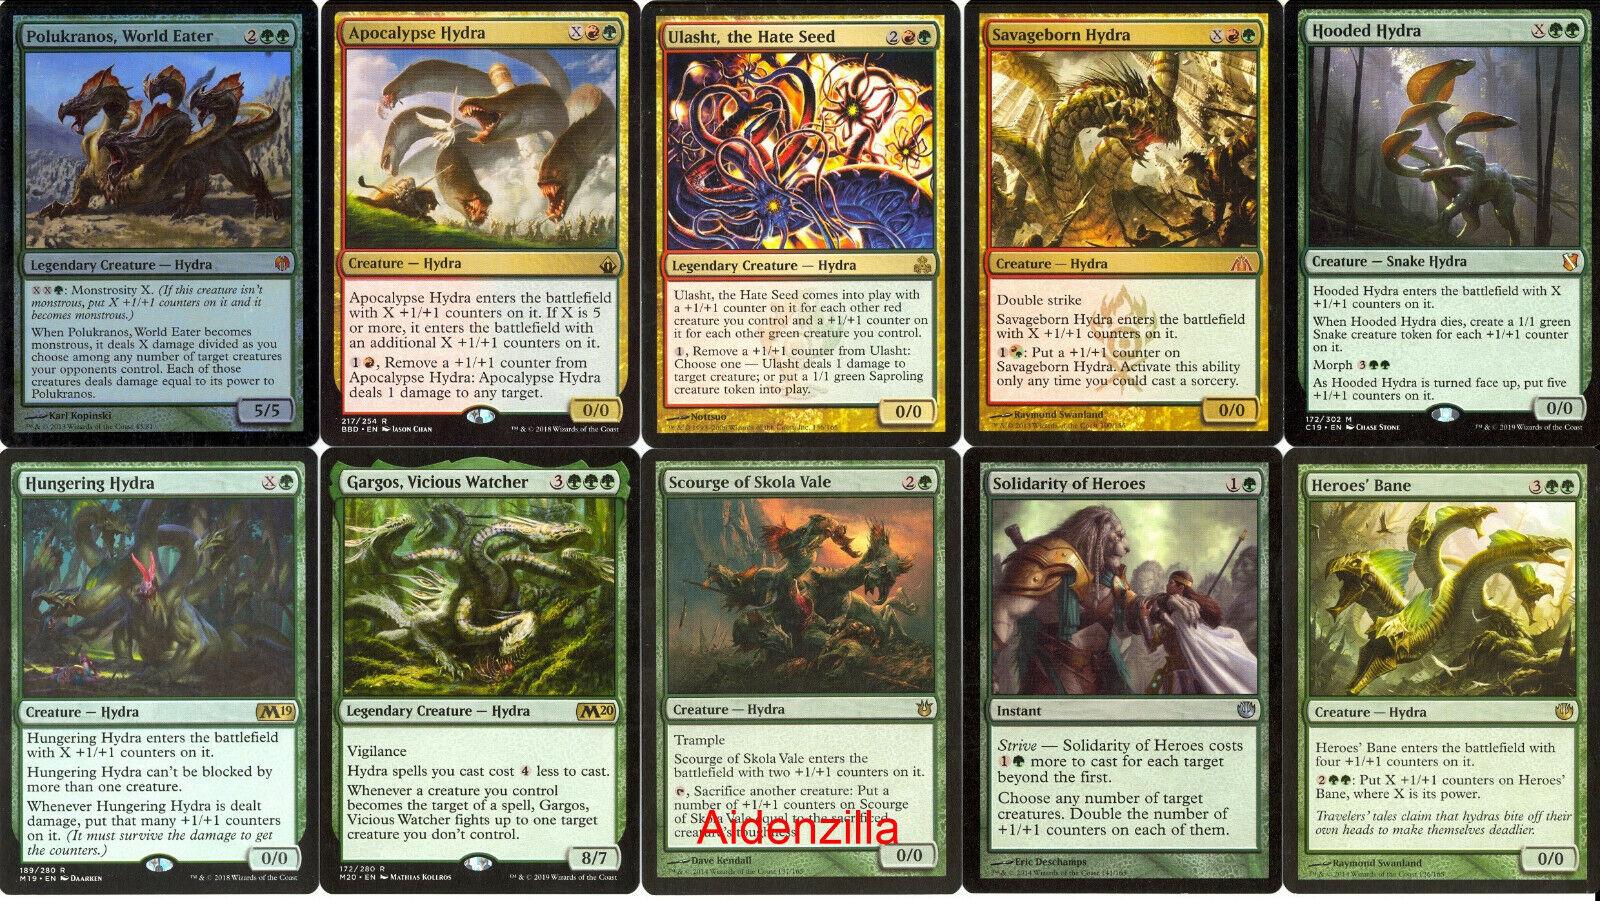 MTG Hydra Deck - Ulasht Polukranos Red Green - Magic Gathering - $34.00